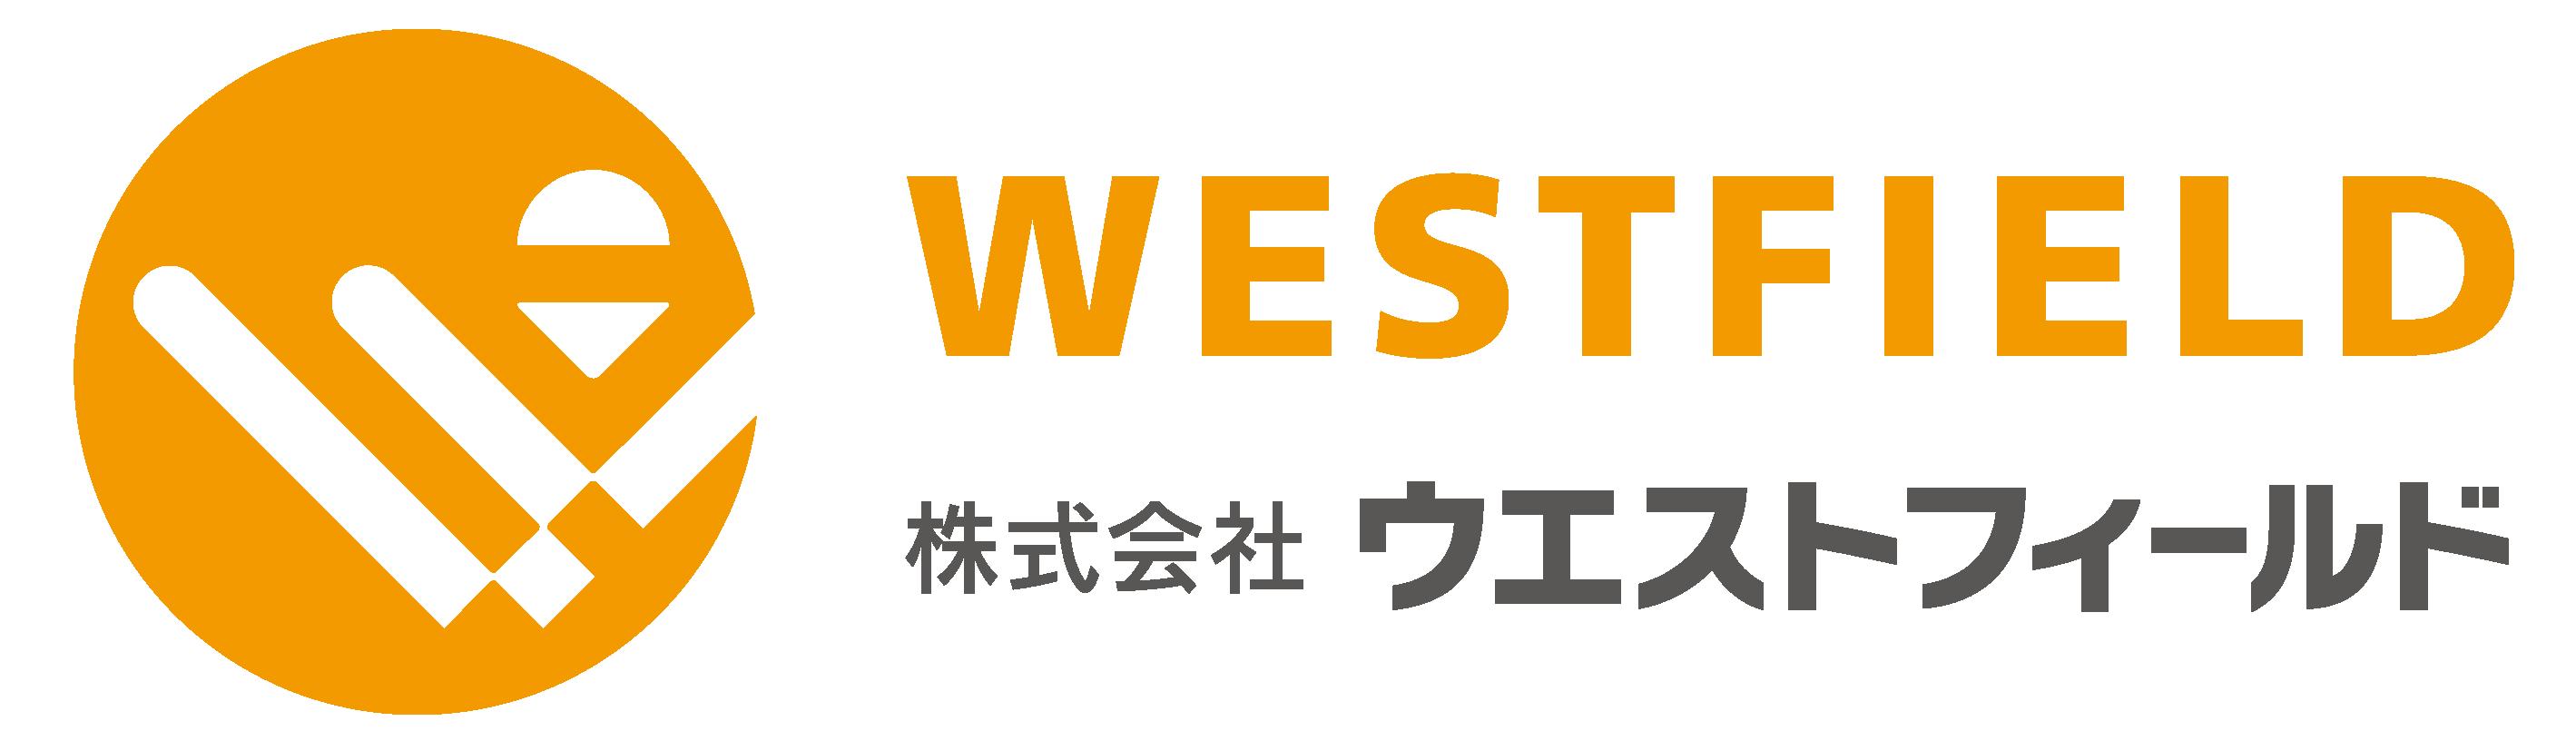 株式会社ウエストフィールド